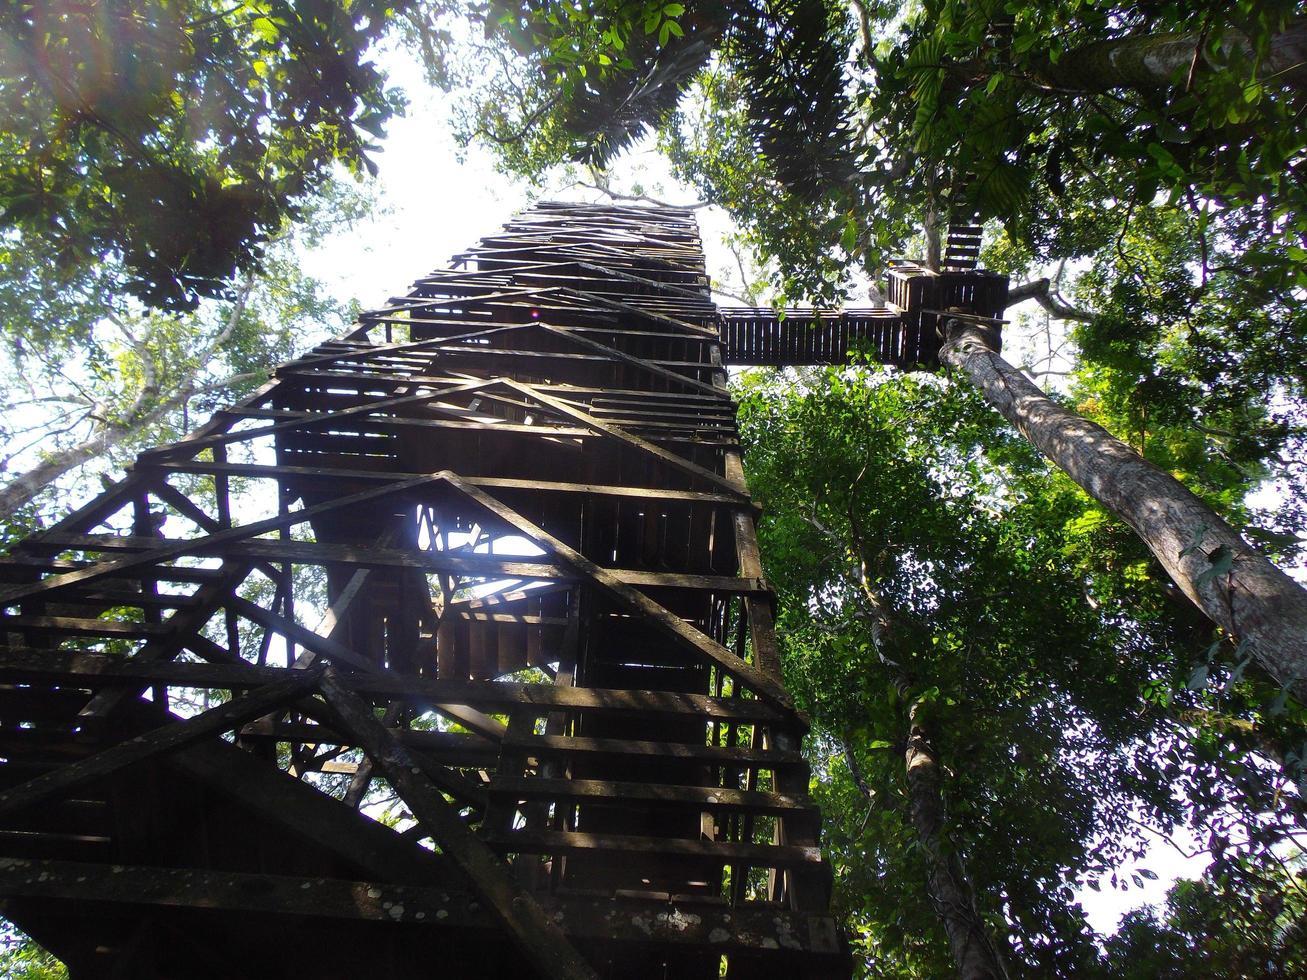 Échelles jusqu'à la canopée des arbres dans la jungle amazonienne photo